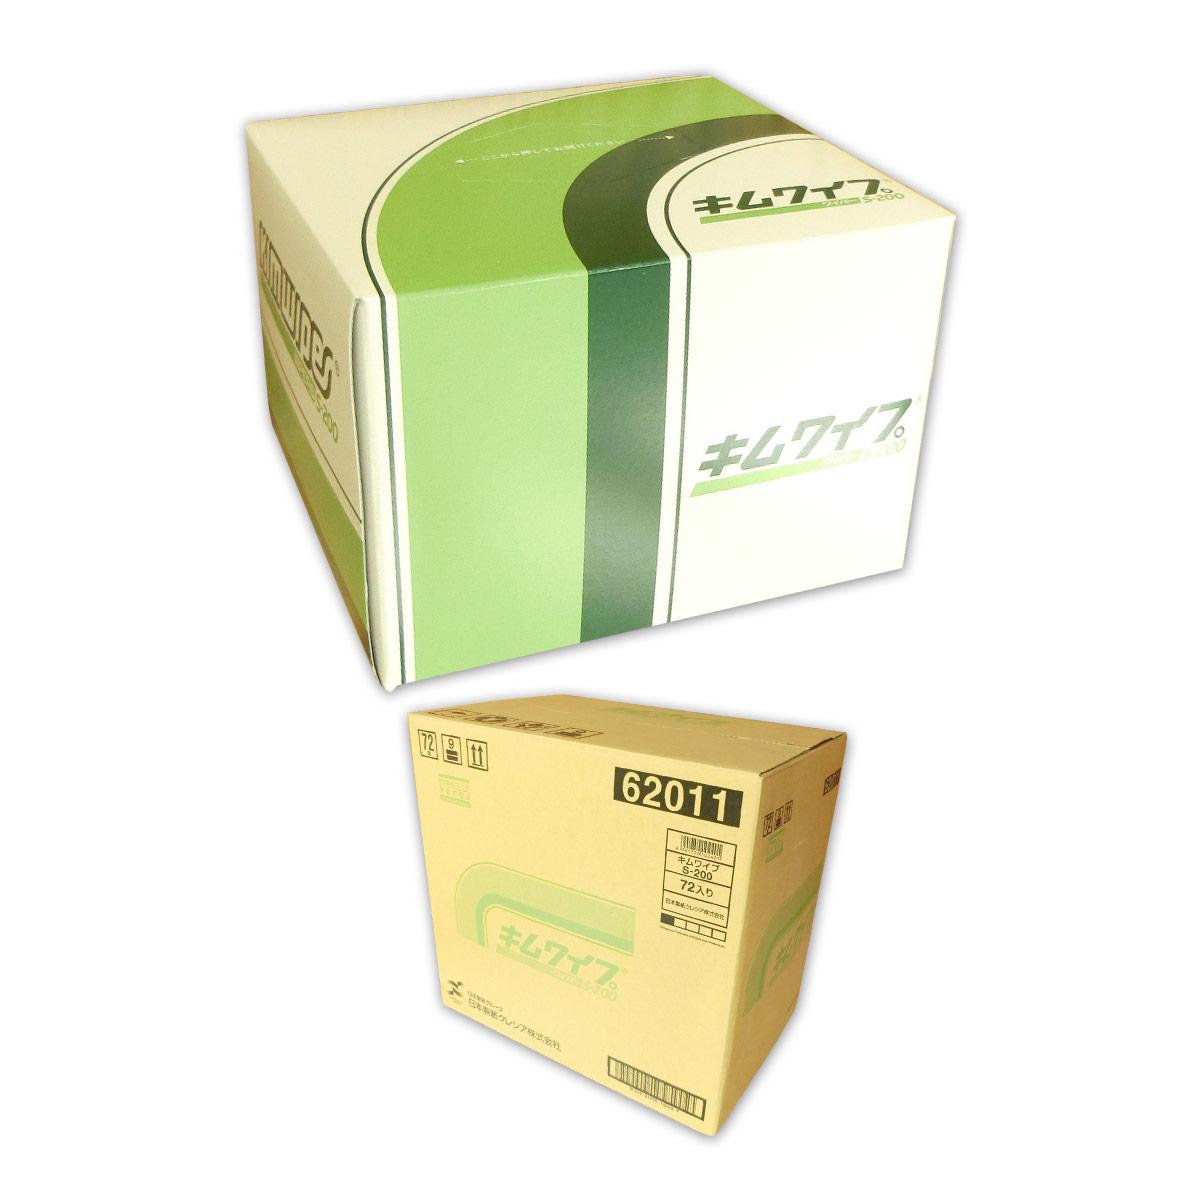 キムワイプ S-200 ワイパー 200枚 × 72箱 【日本製紙クレシア 業務用】【62011】